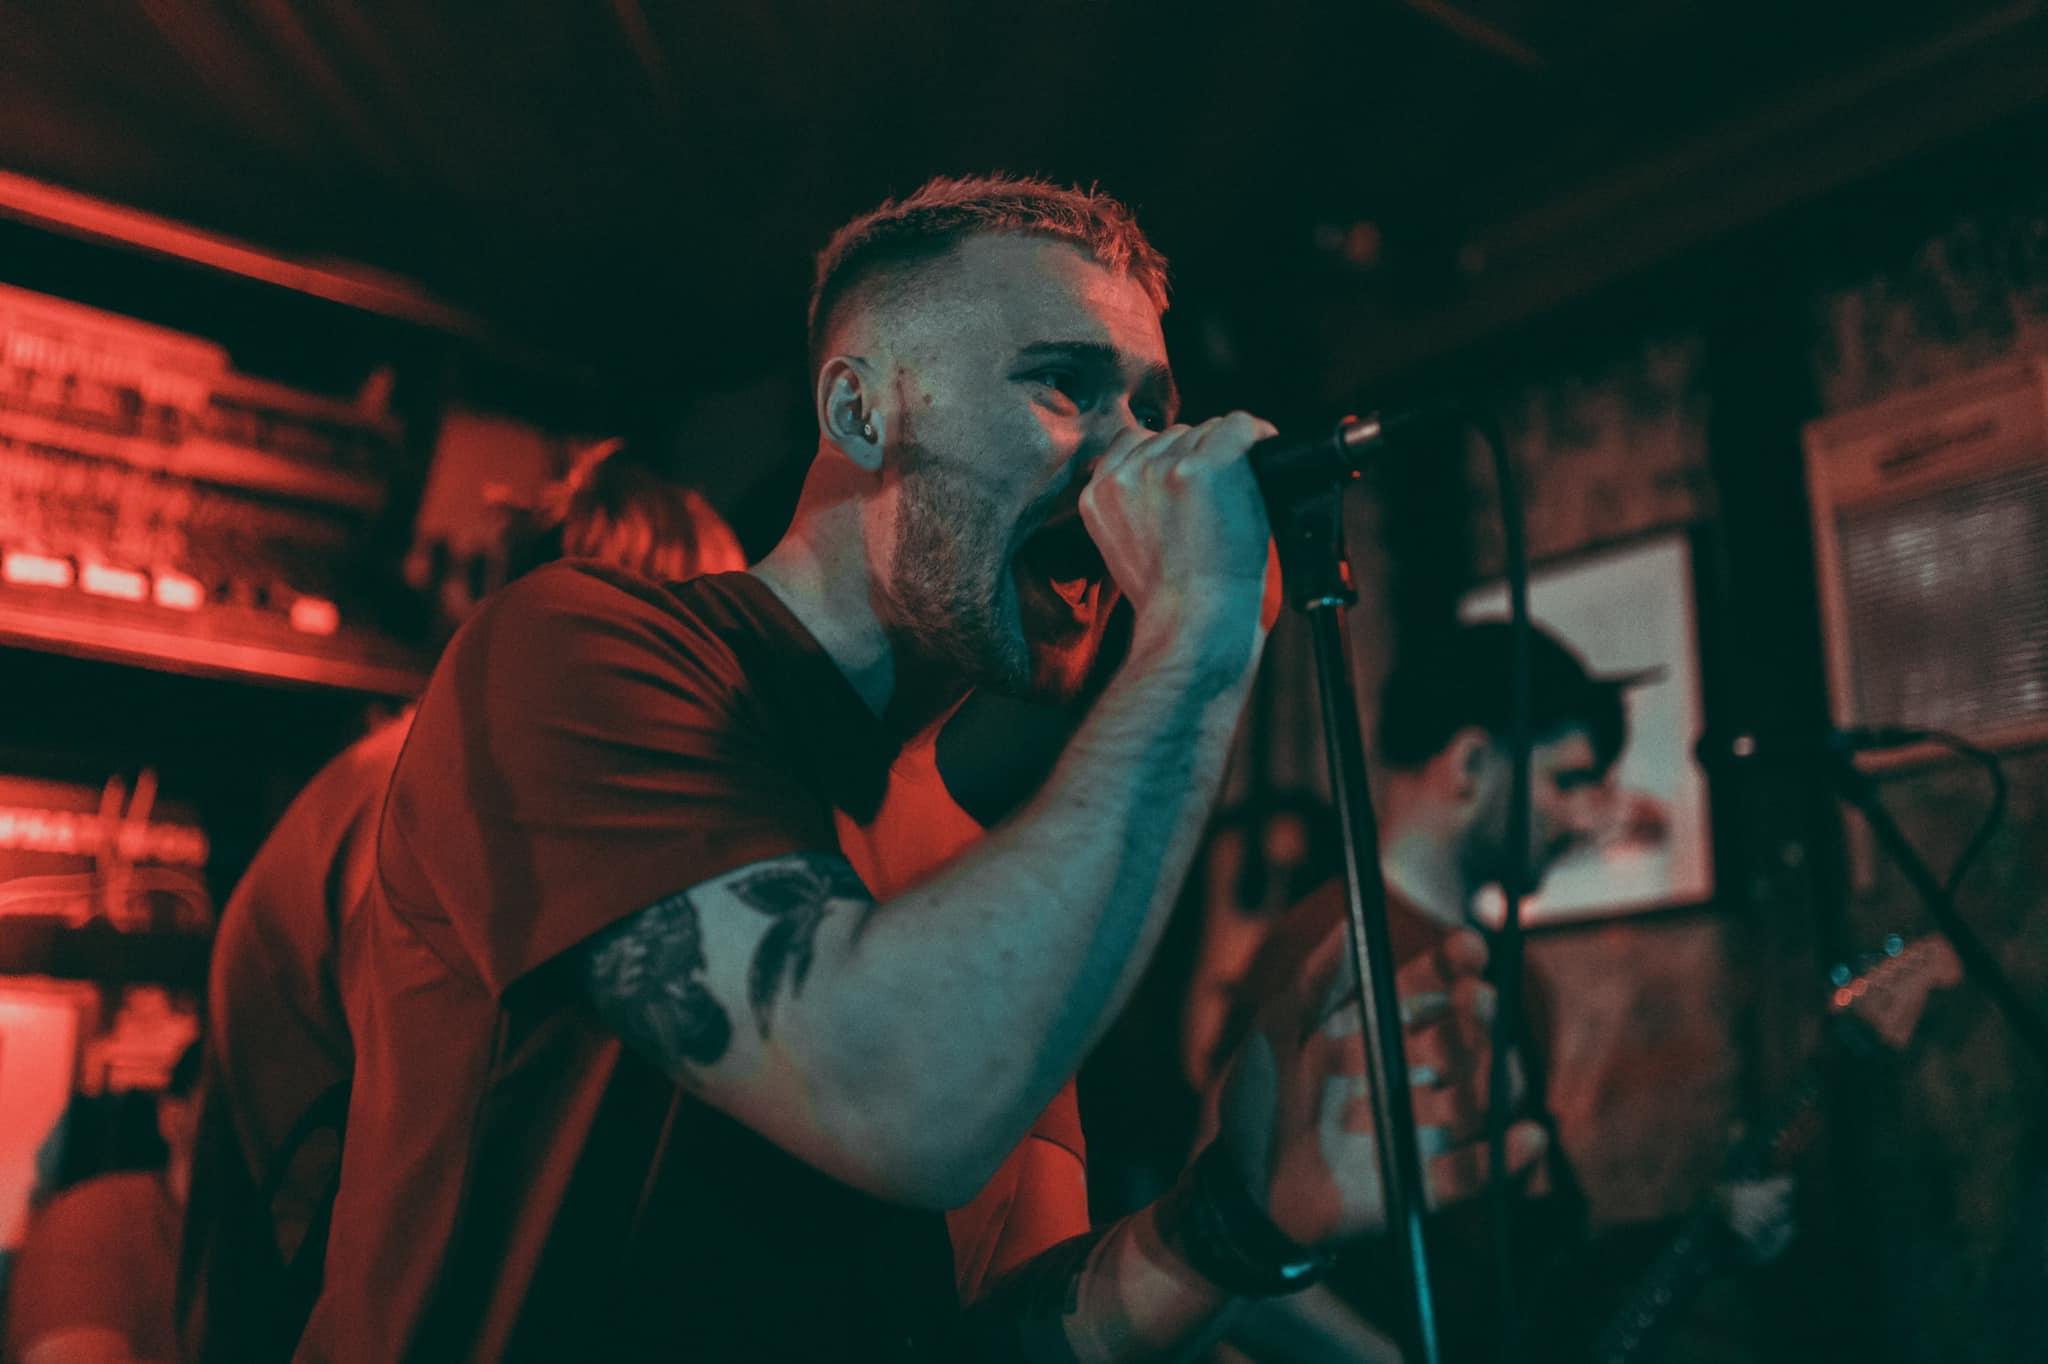 Downcast - Live